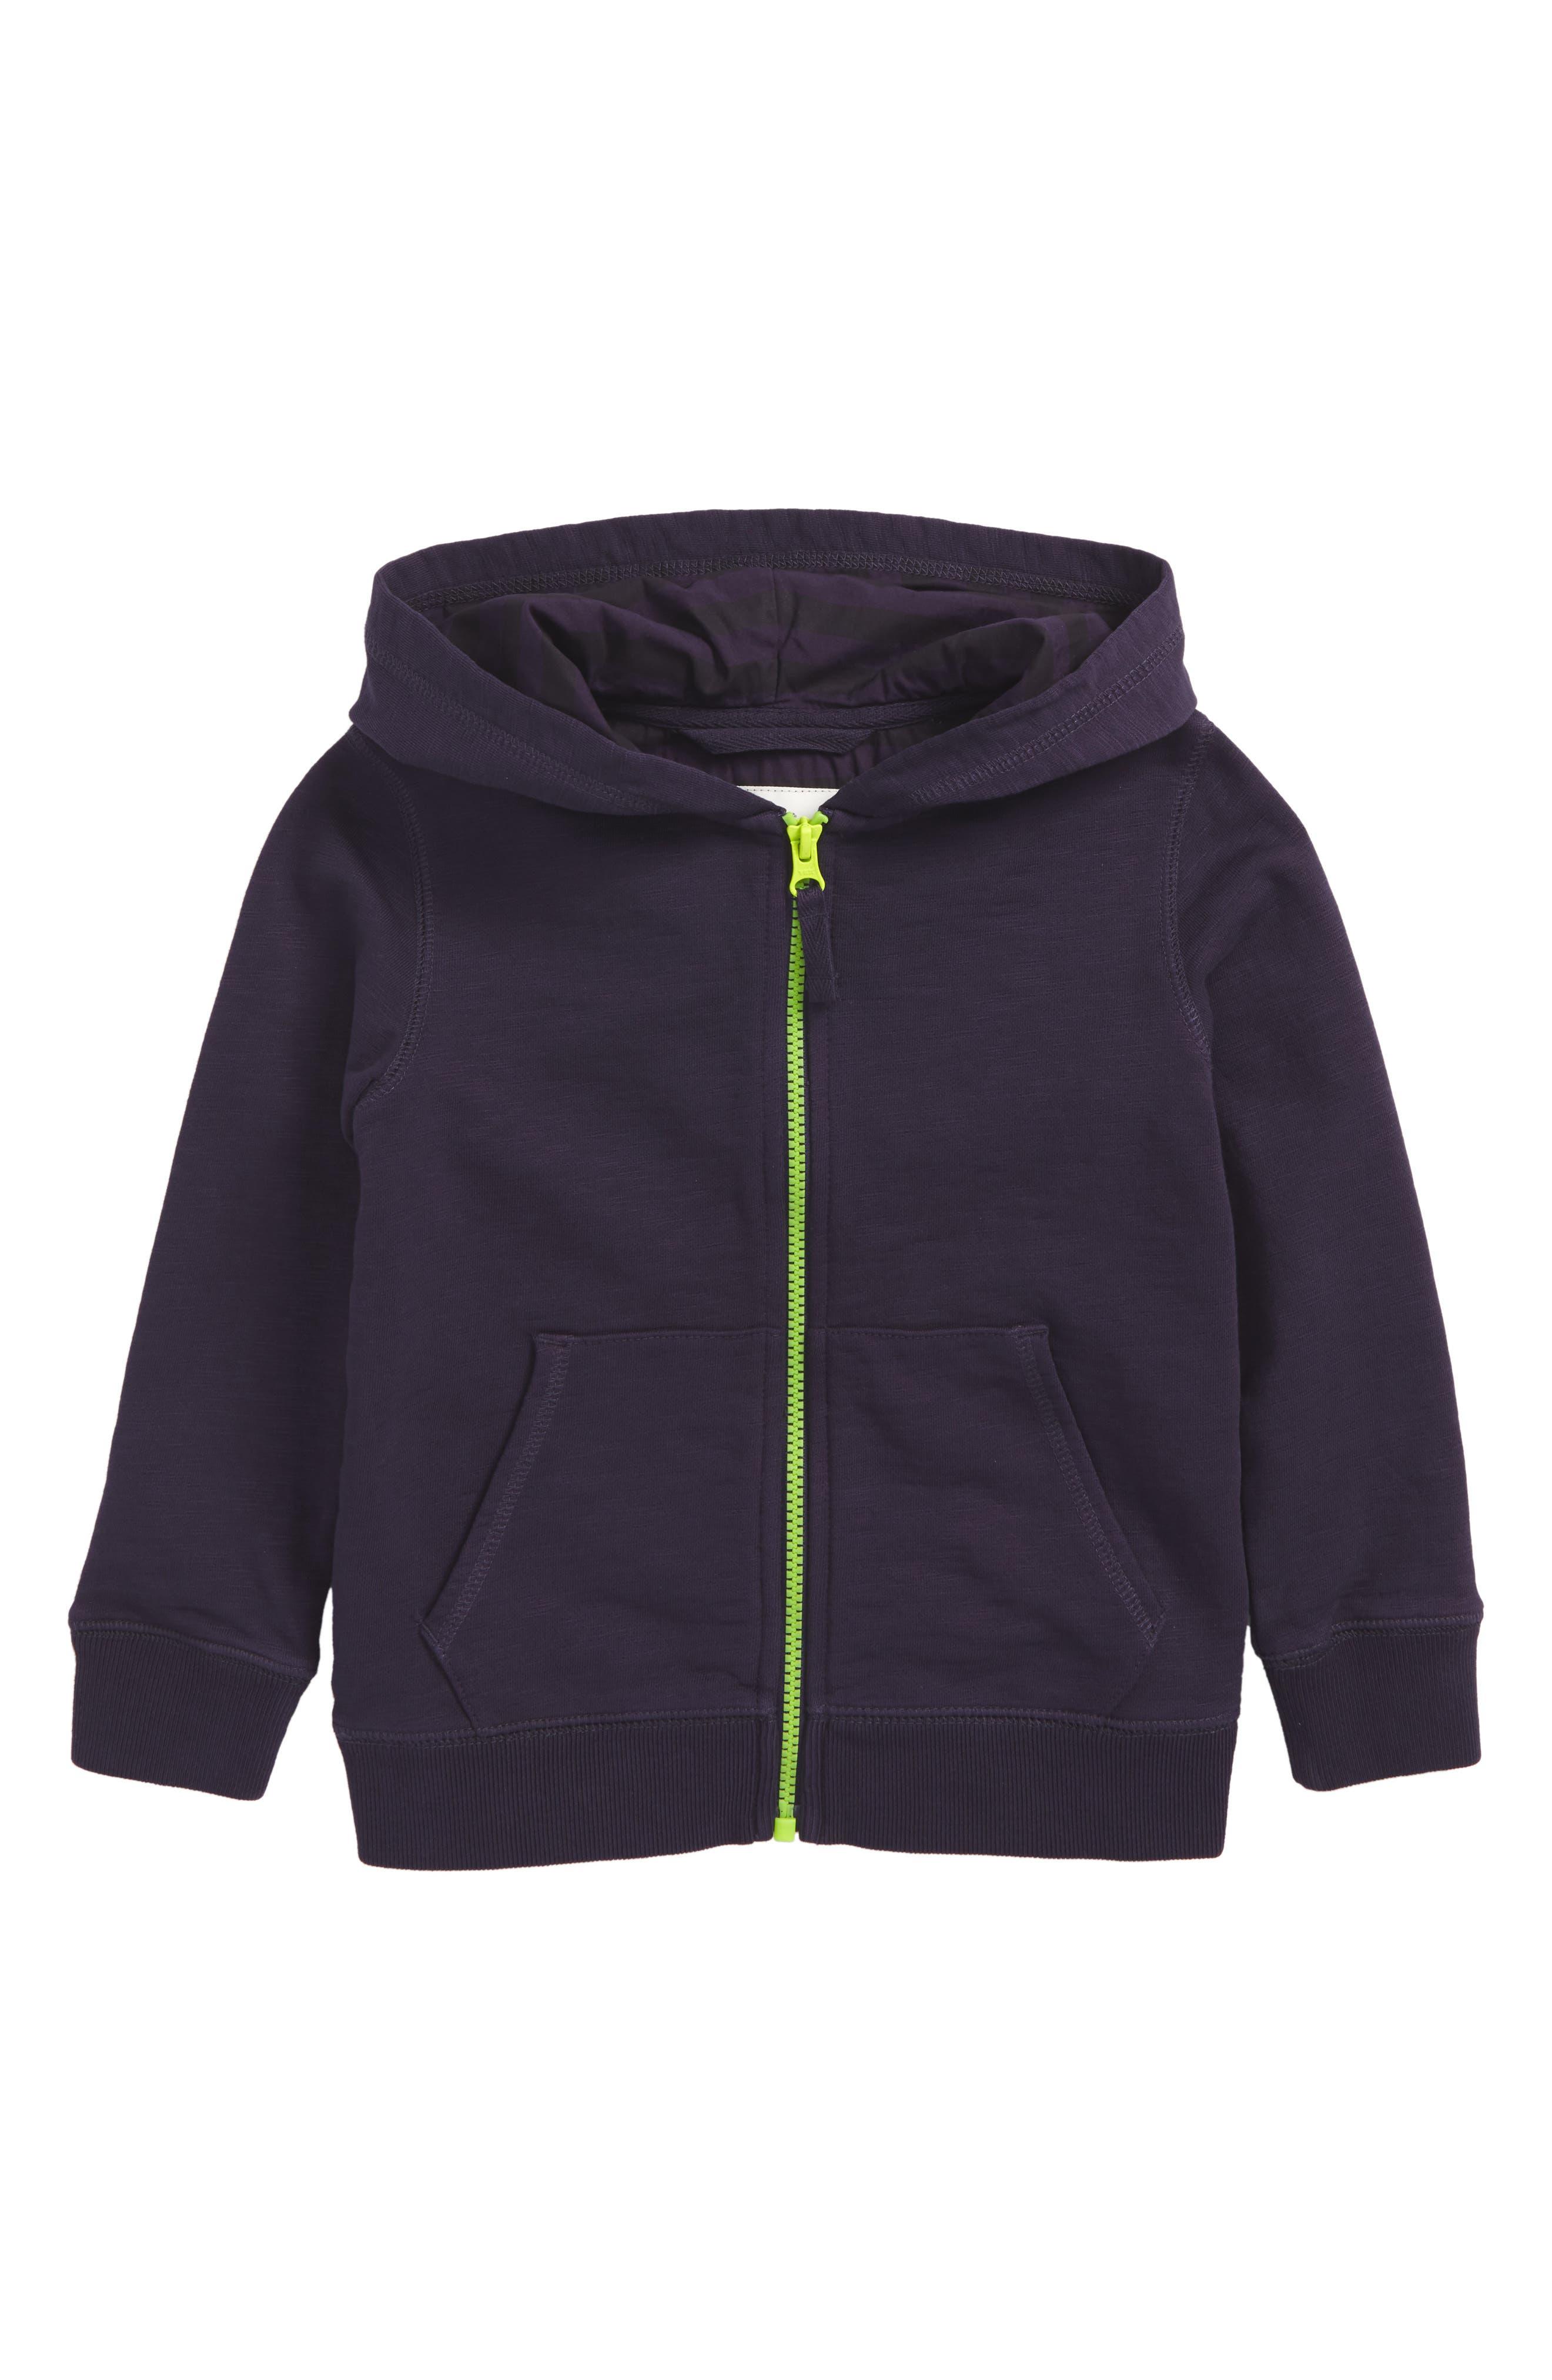 Full Zip Hoodie,                         Main,                         color, Ultra Marine Blue